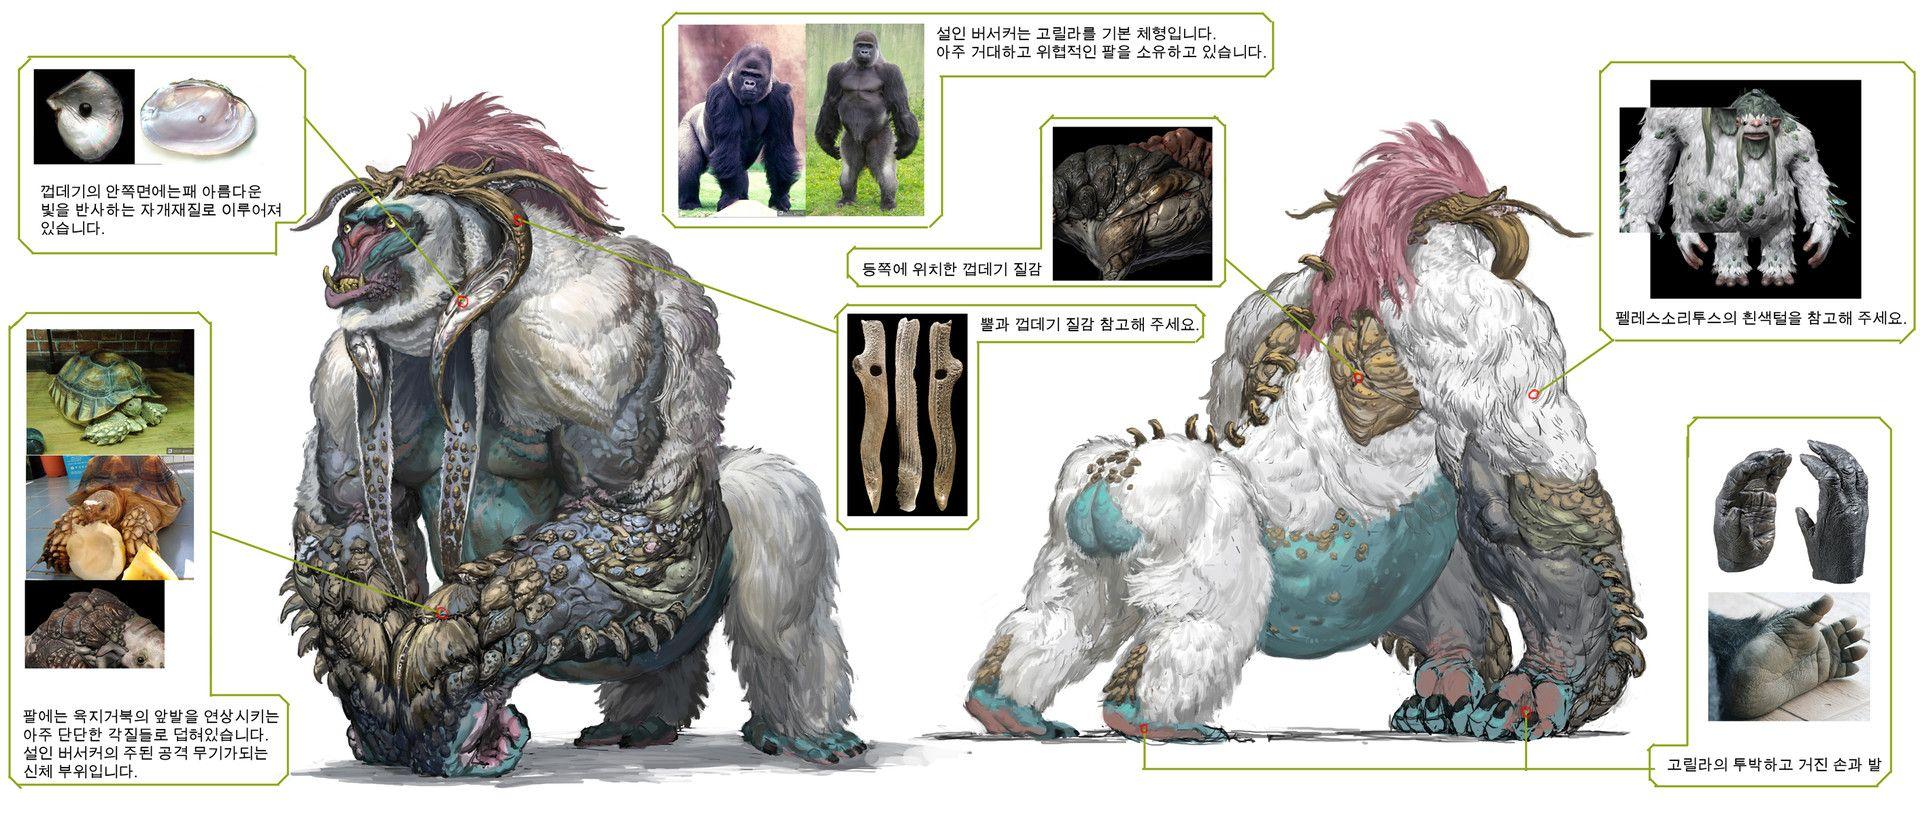 Artstation monsters junseok kwon